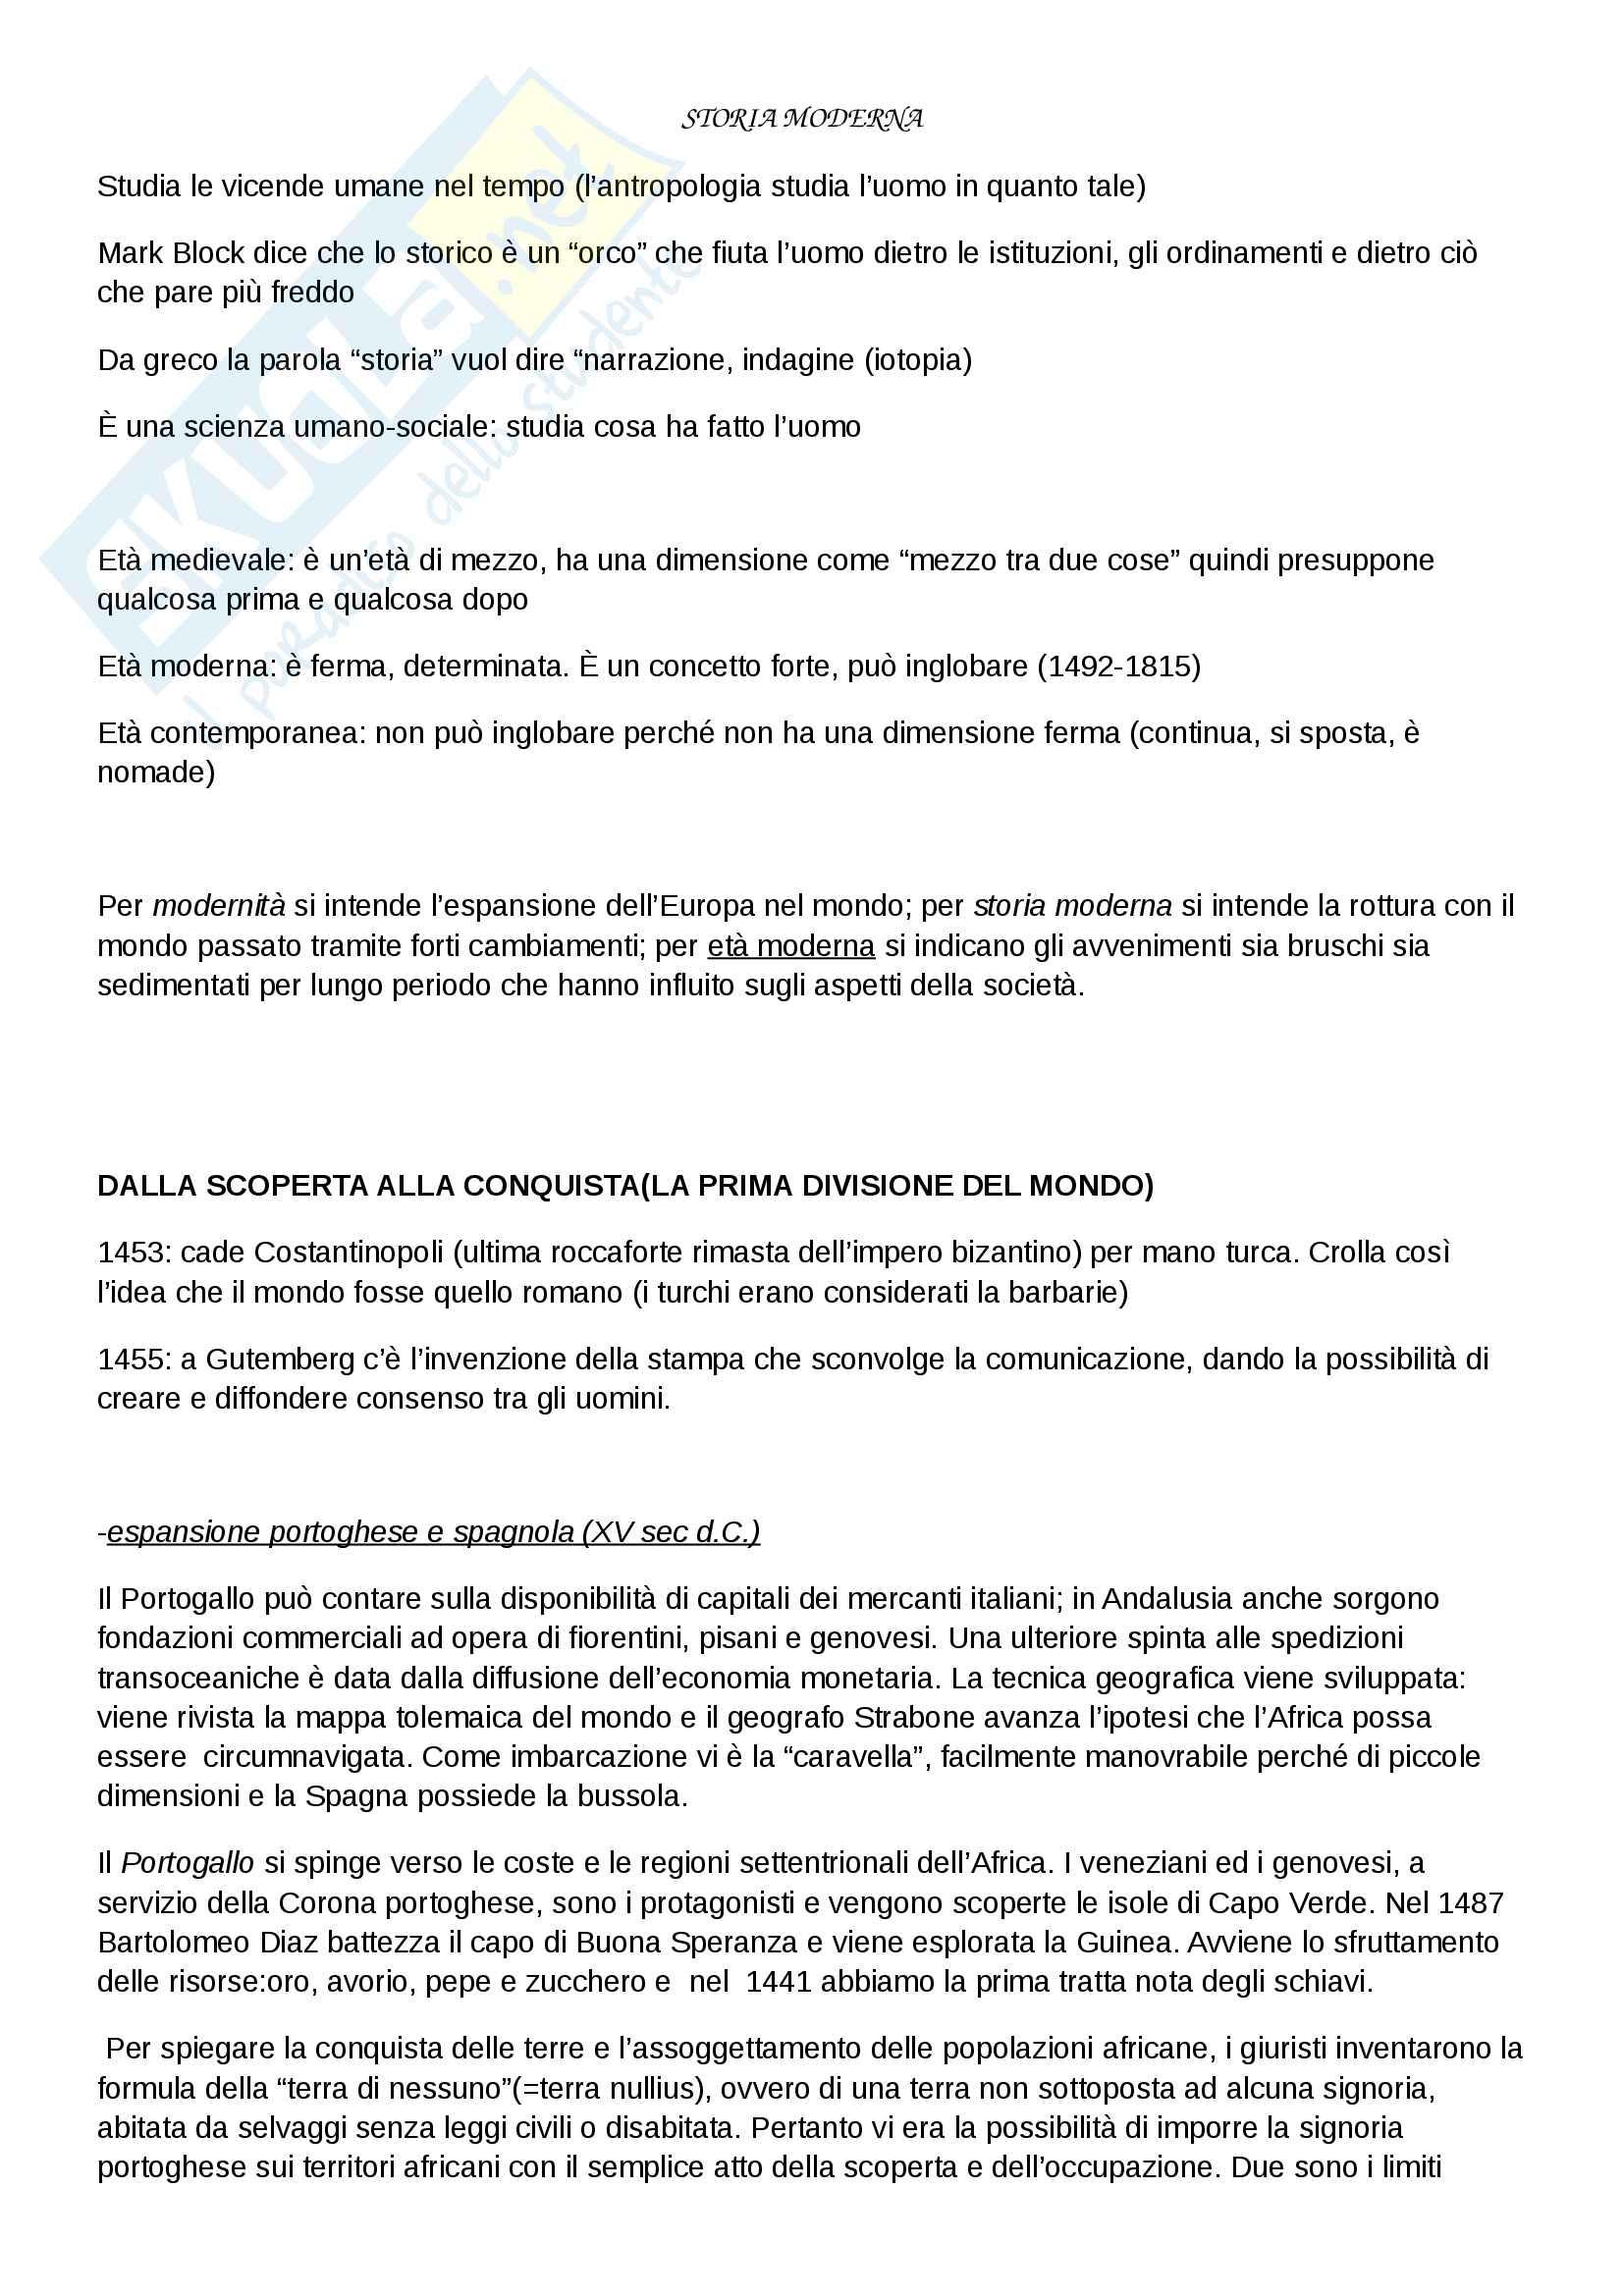 """Riassunto esame di Storia moderna, prof. Migliorini, libro consigliato """"Le vie della modernità"""" di Aurelio Musi, ed. Sansoni"""